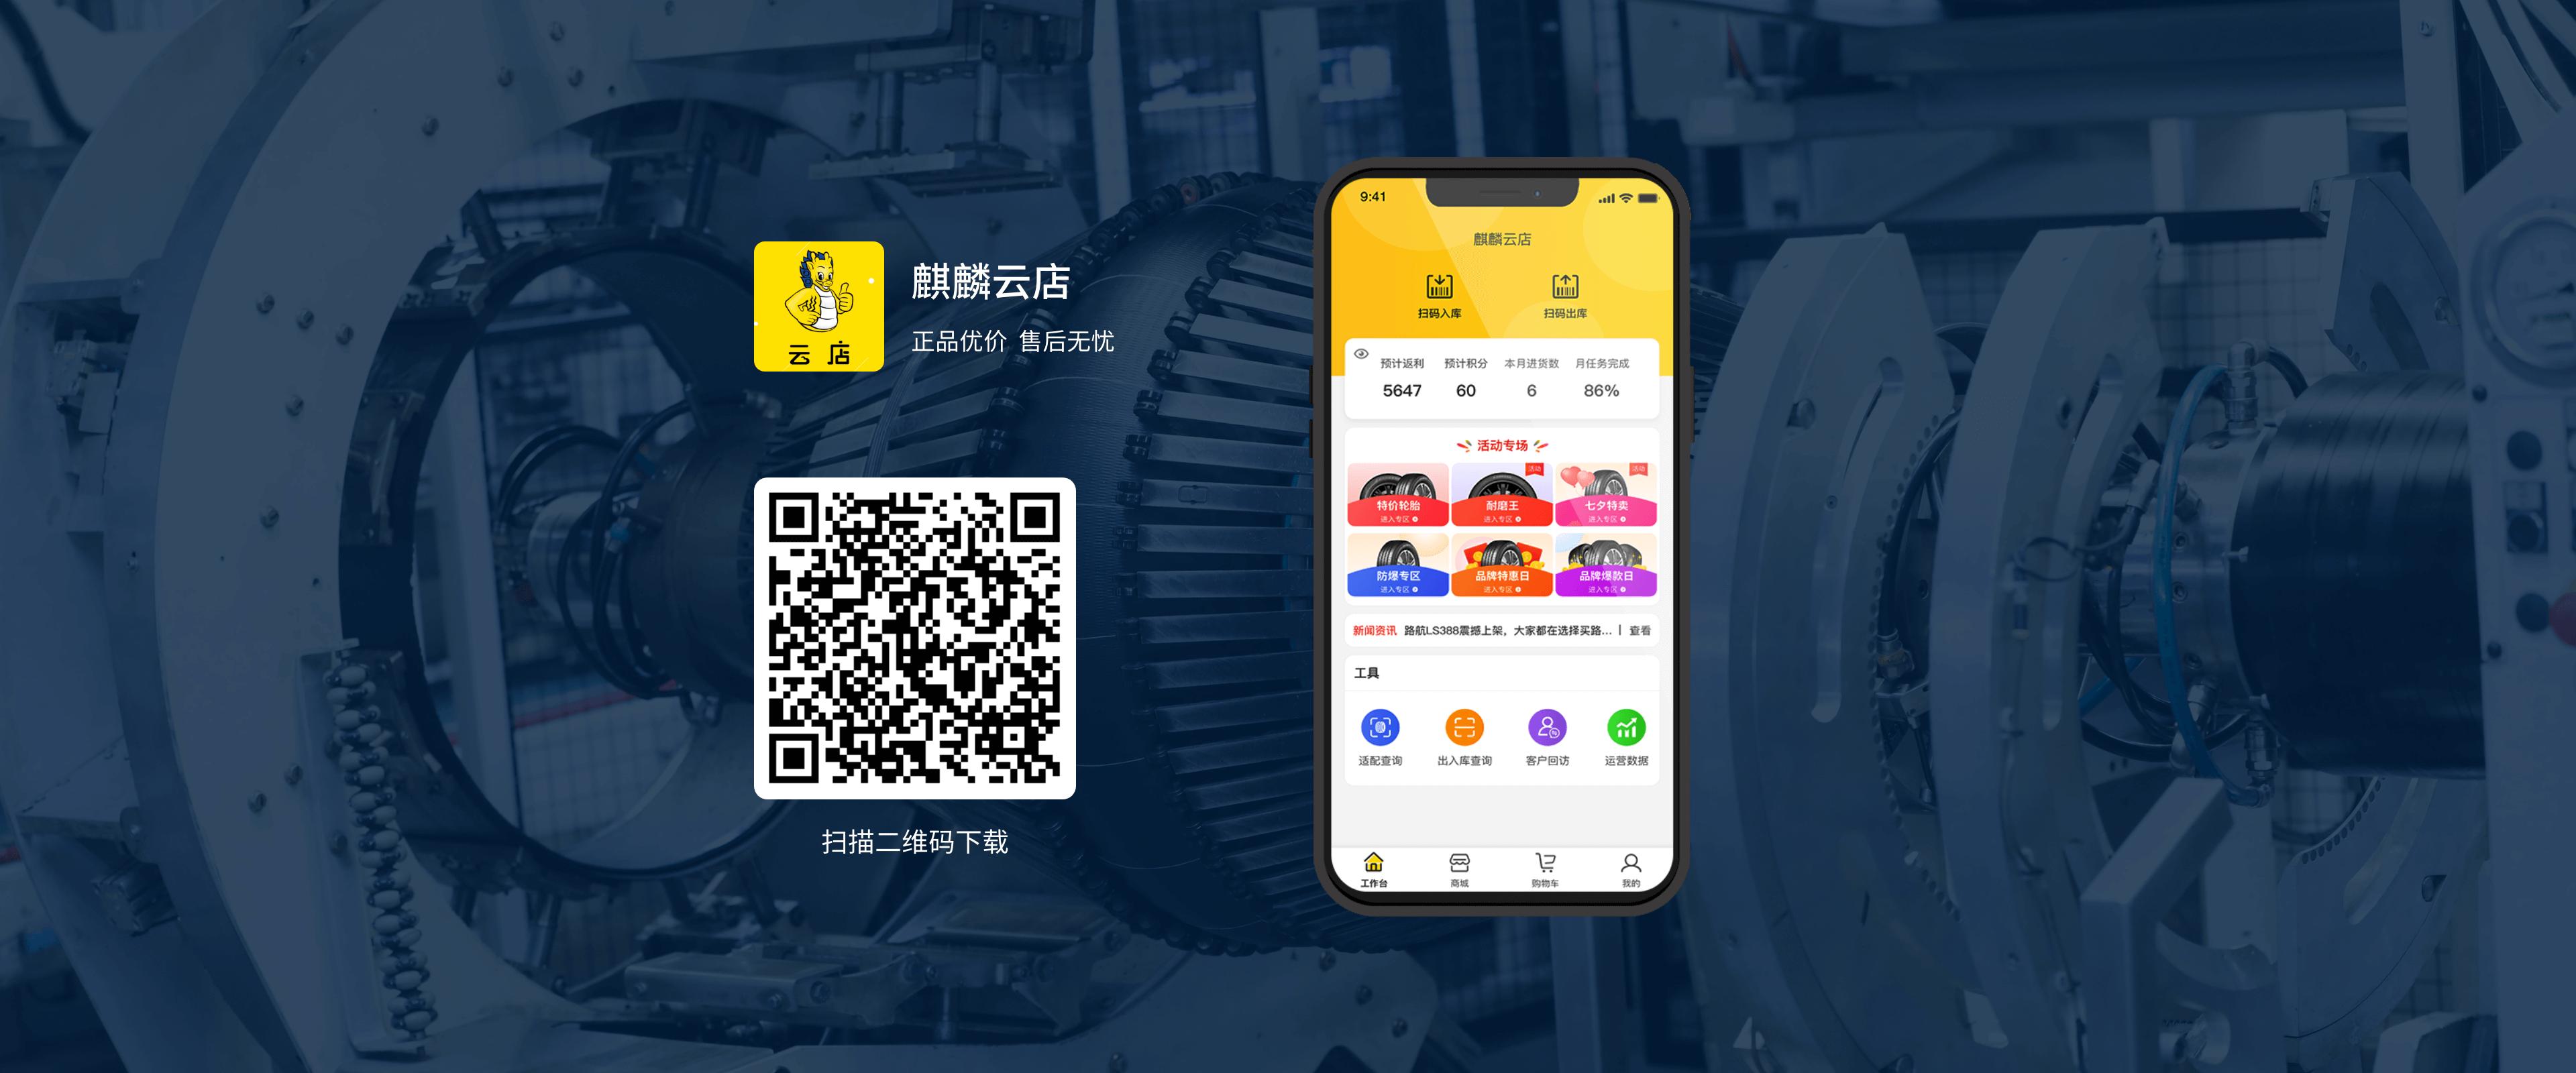 森麒麟麒麟云店App